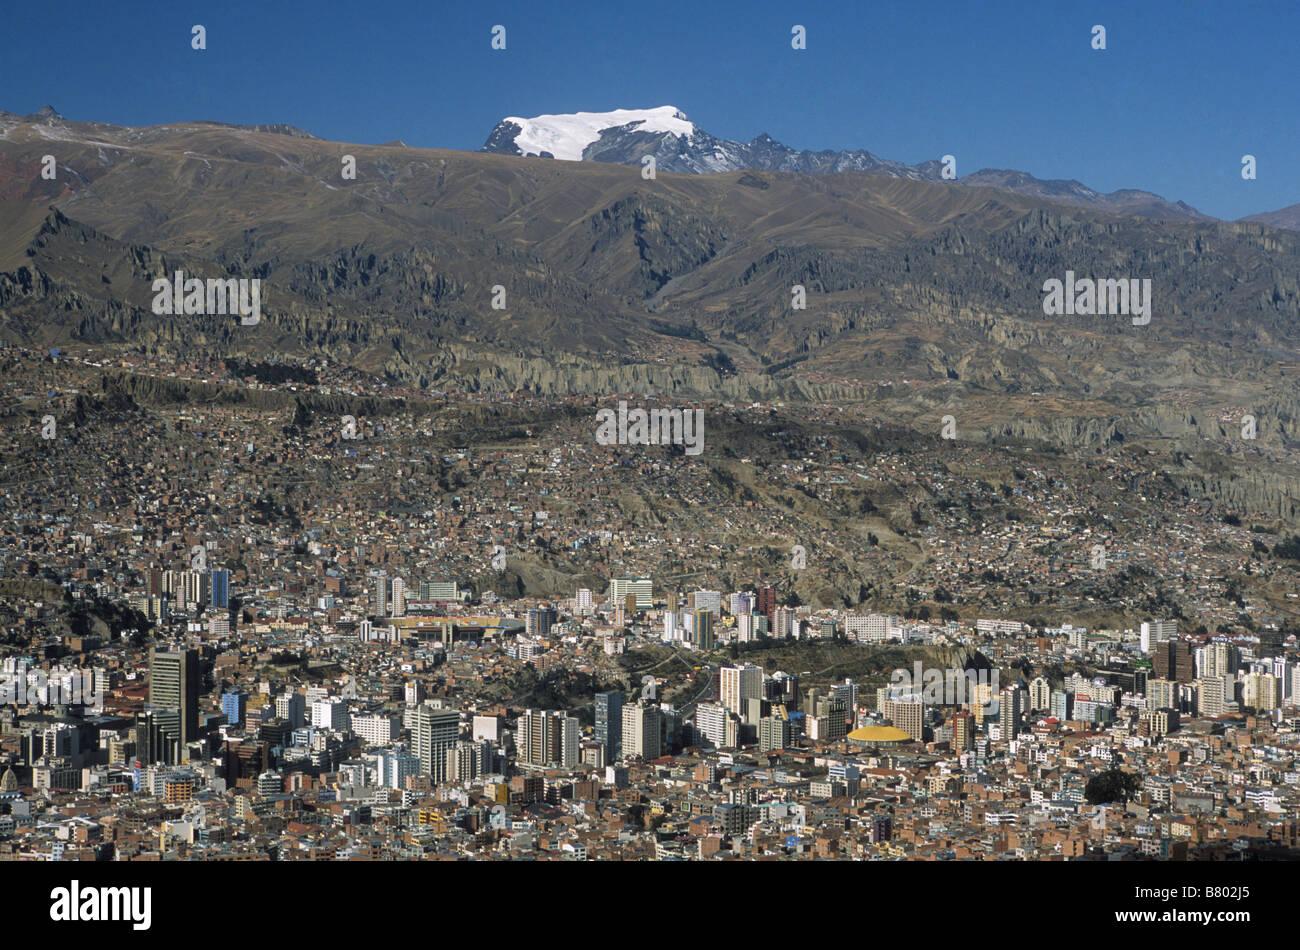 Central La Paz and Mt Mururata, Bolivia - Stock Image